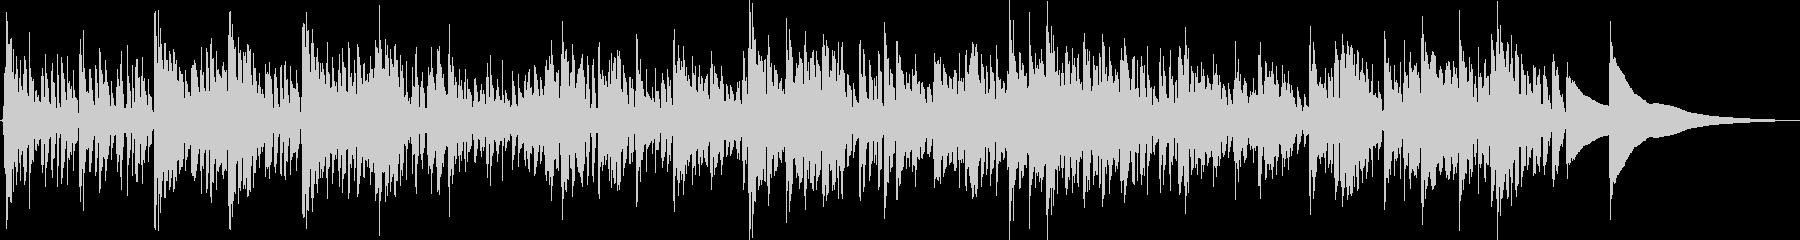 エスニックで疾走感のある曲です。の未再生の波形